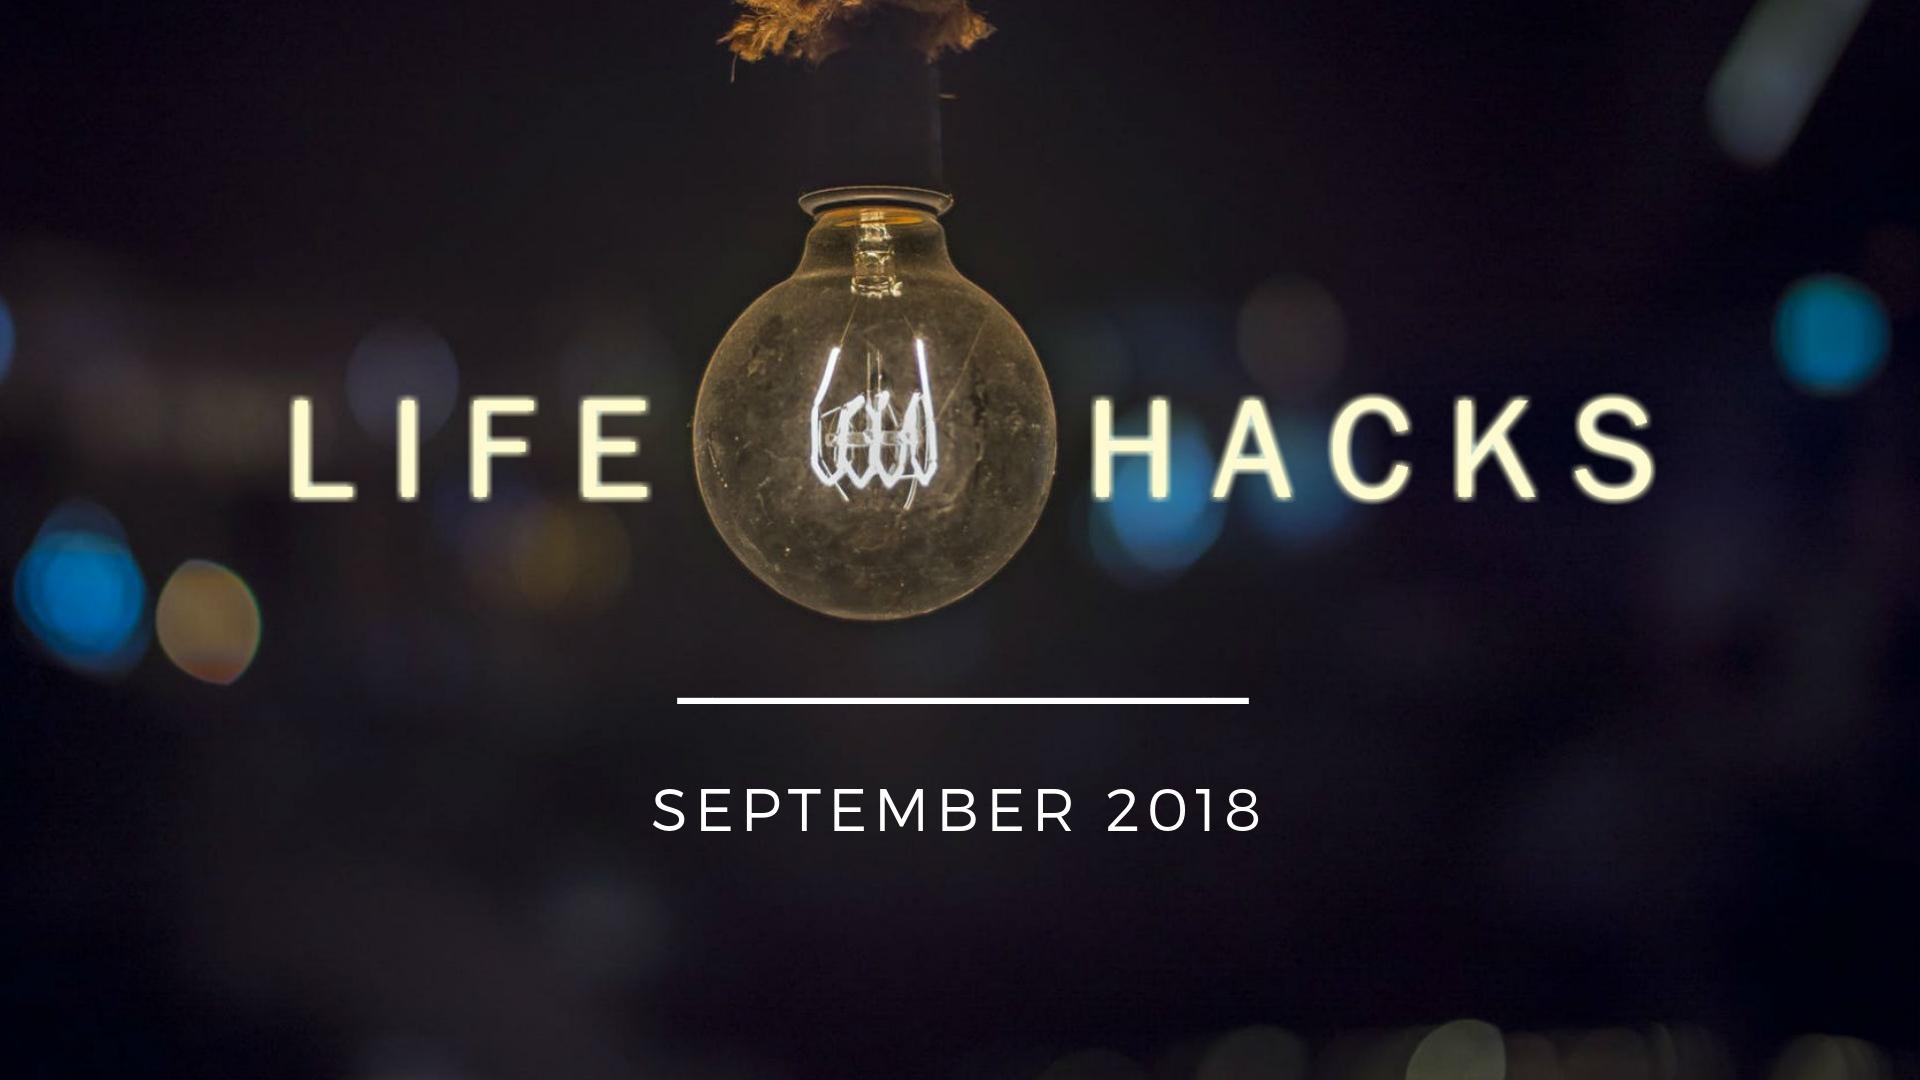 Life Hacks - September 2018